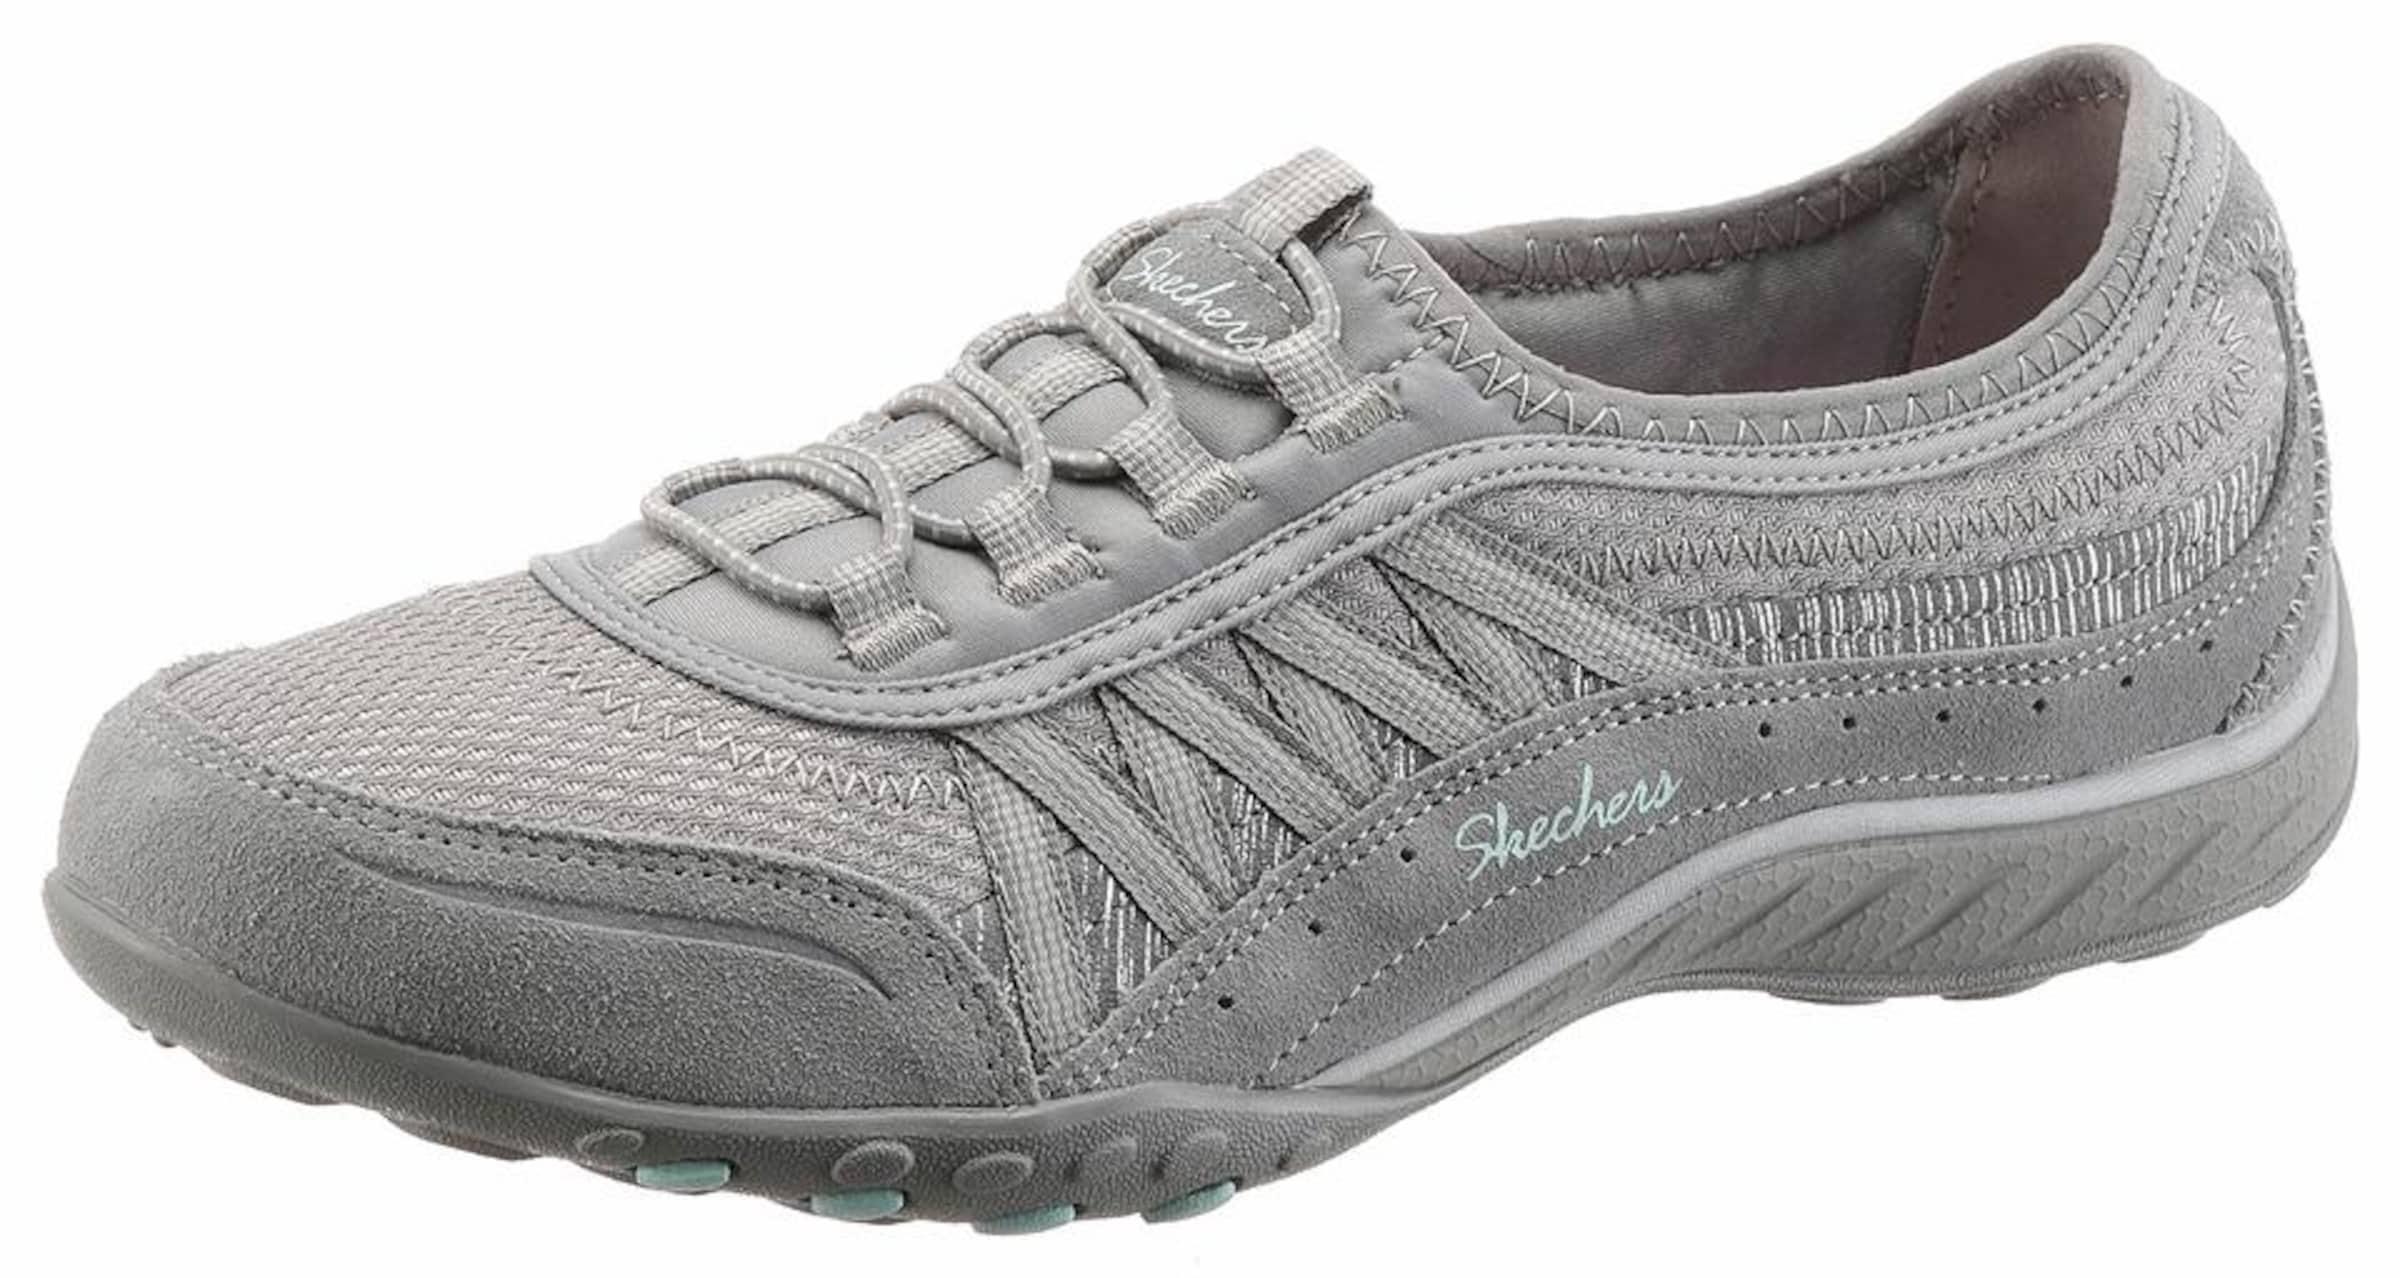 SKECHERS Slipper Günstige und langlebige Schuhe